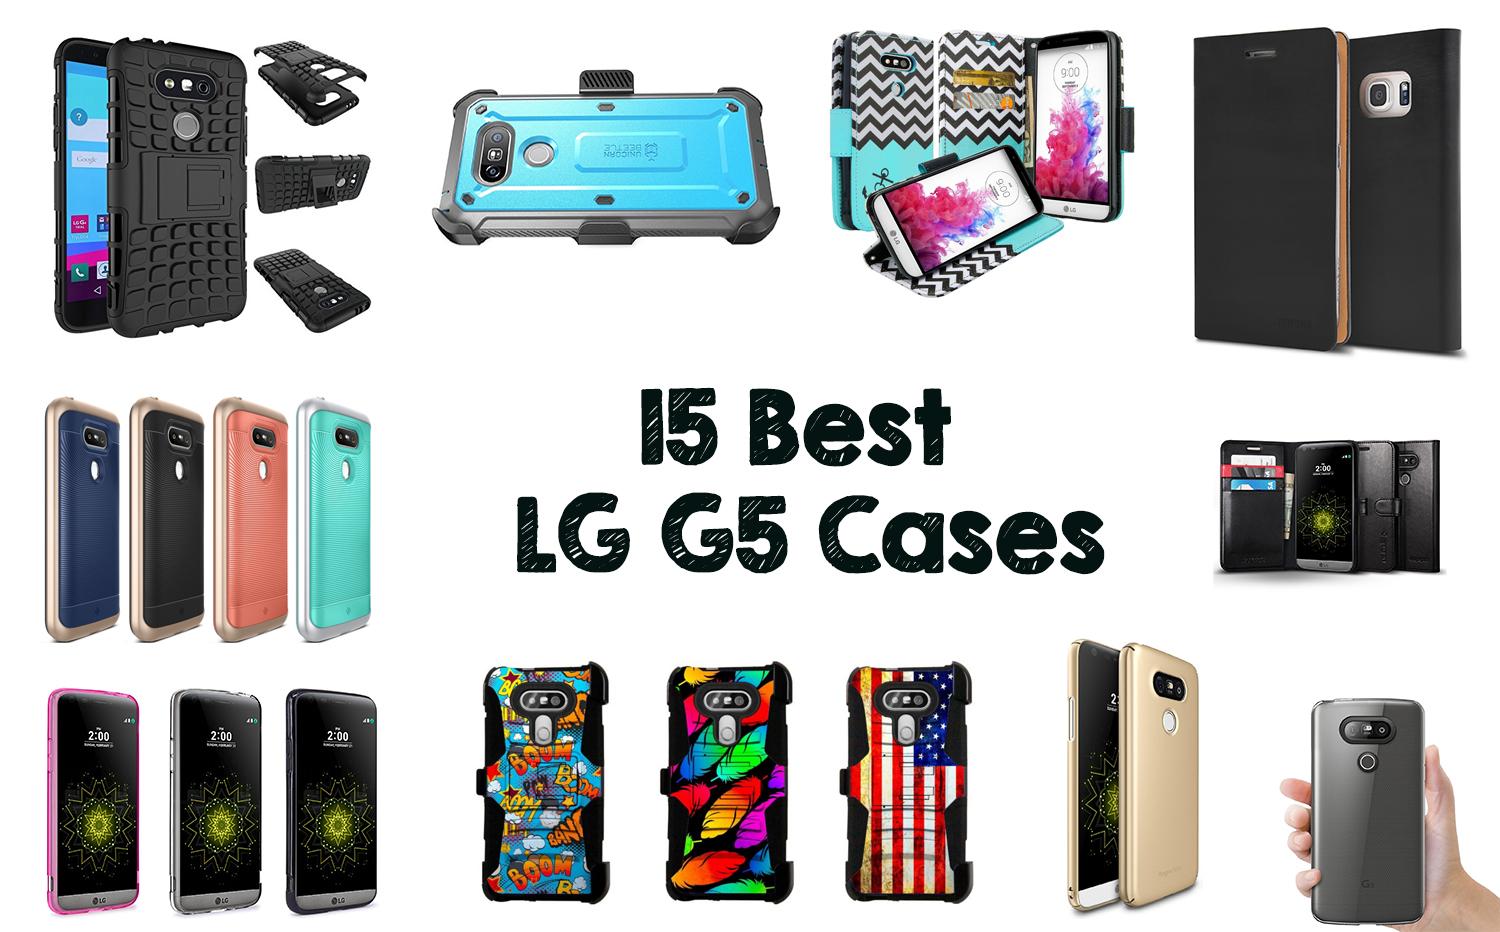 15 Best LG G5 Cases